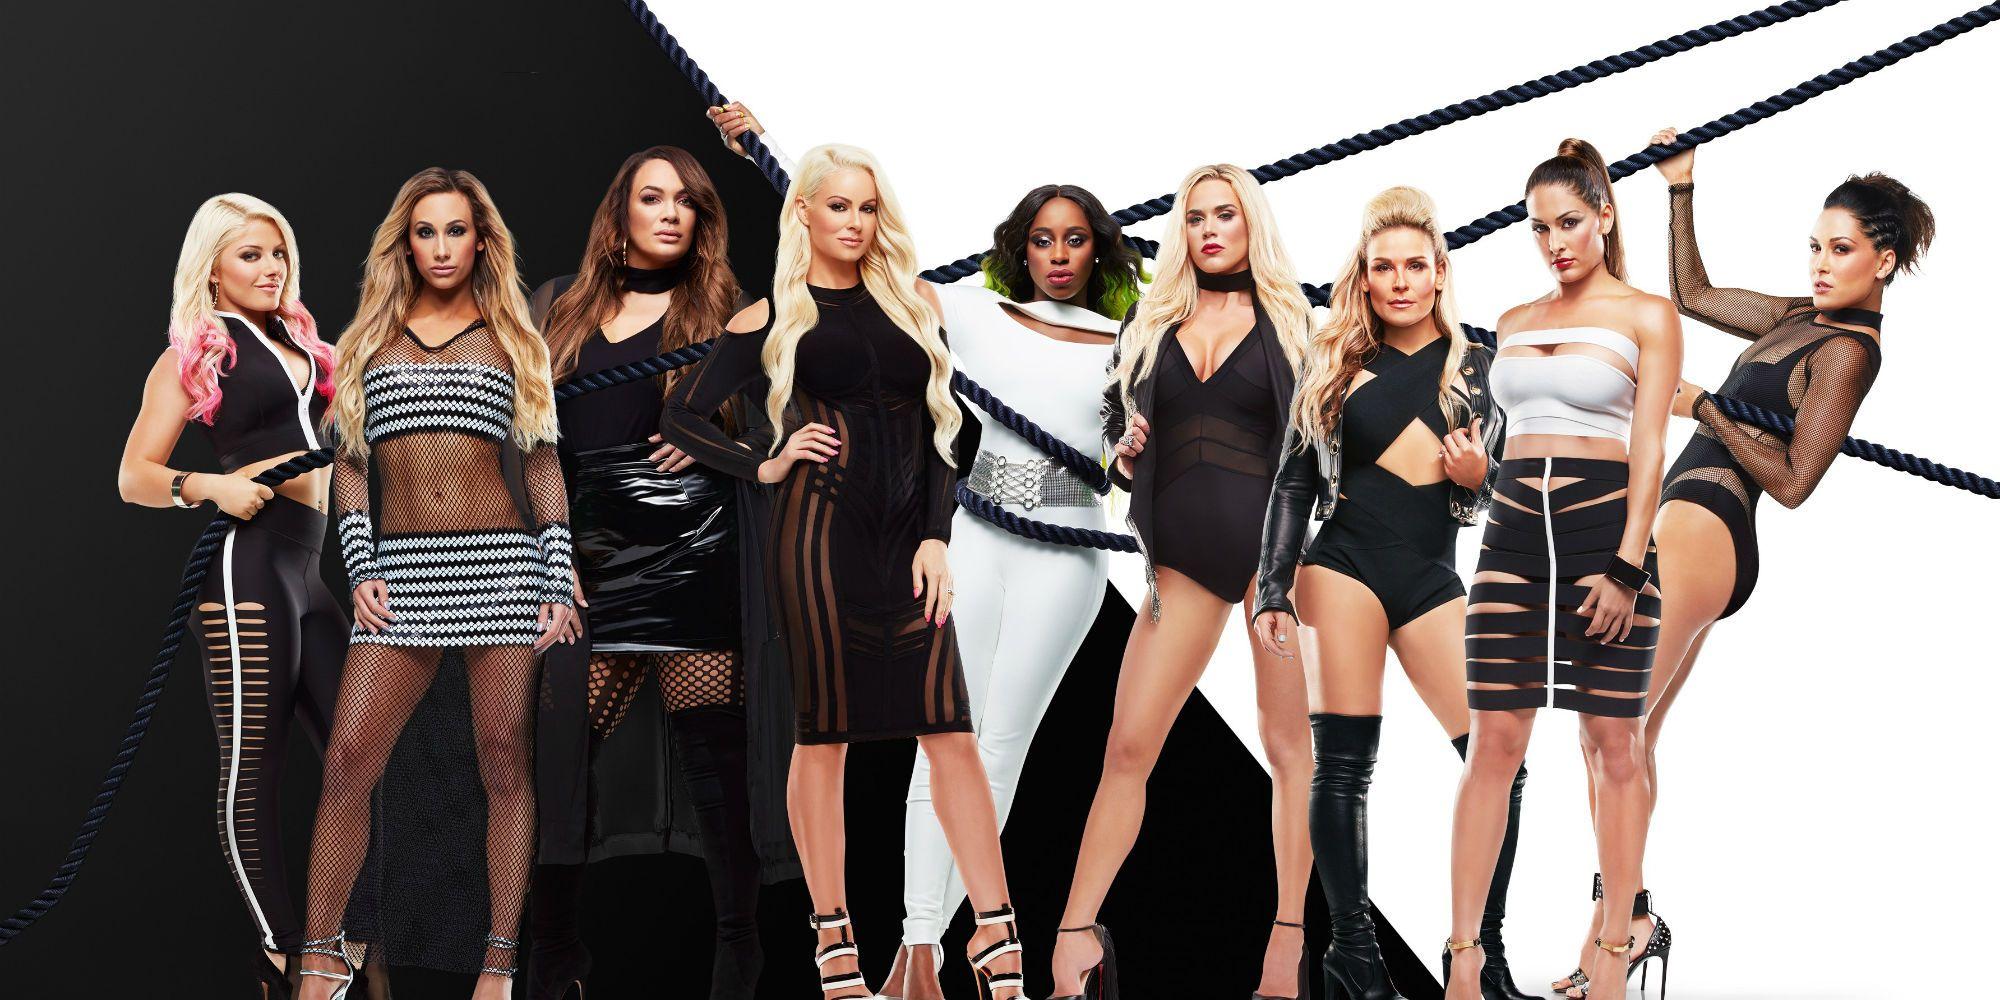 WWE Total Divas Season 8